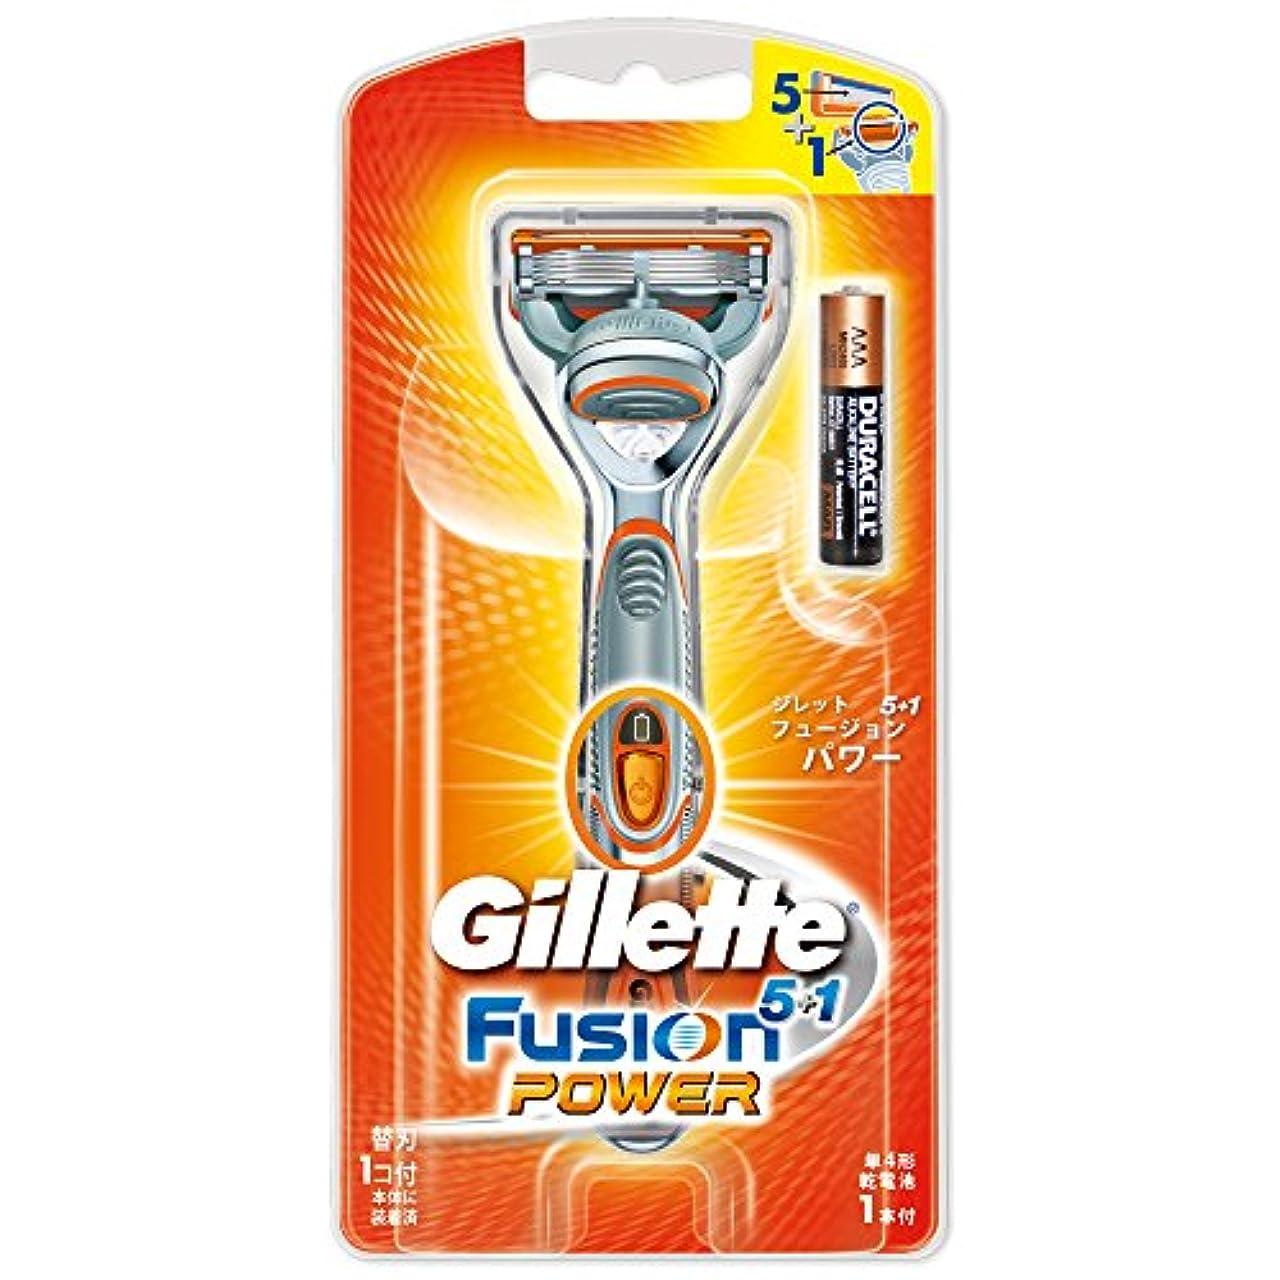 先祖浮浪者閉じるジレット 髭剃り フュージョン5+1 パワー 本体